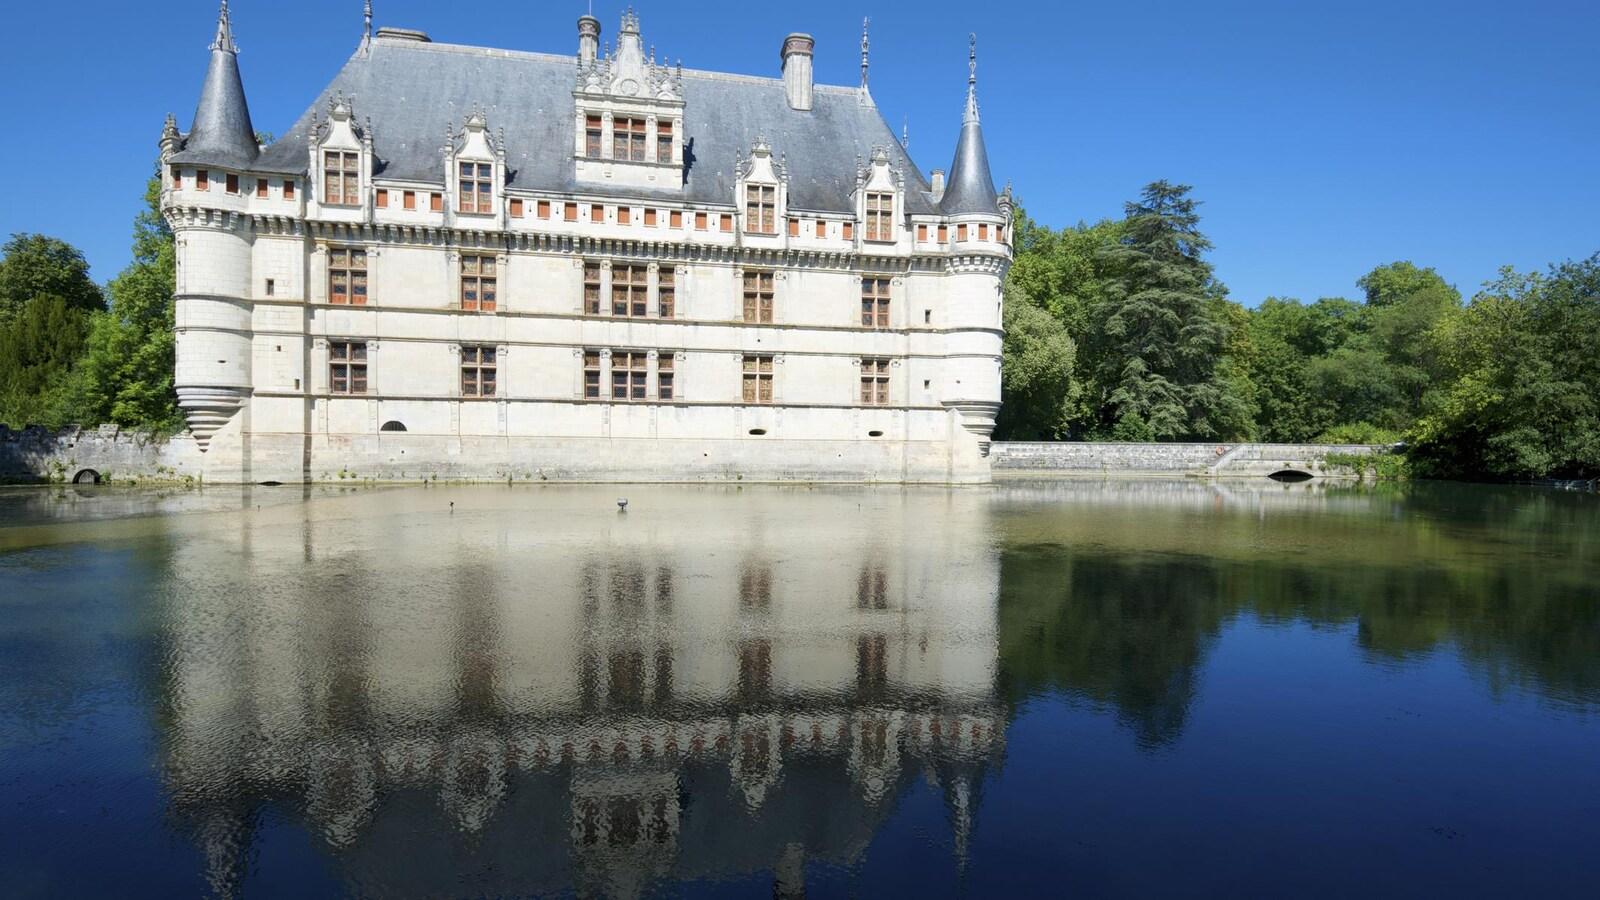 On voit le reflet du château dans l'eau.